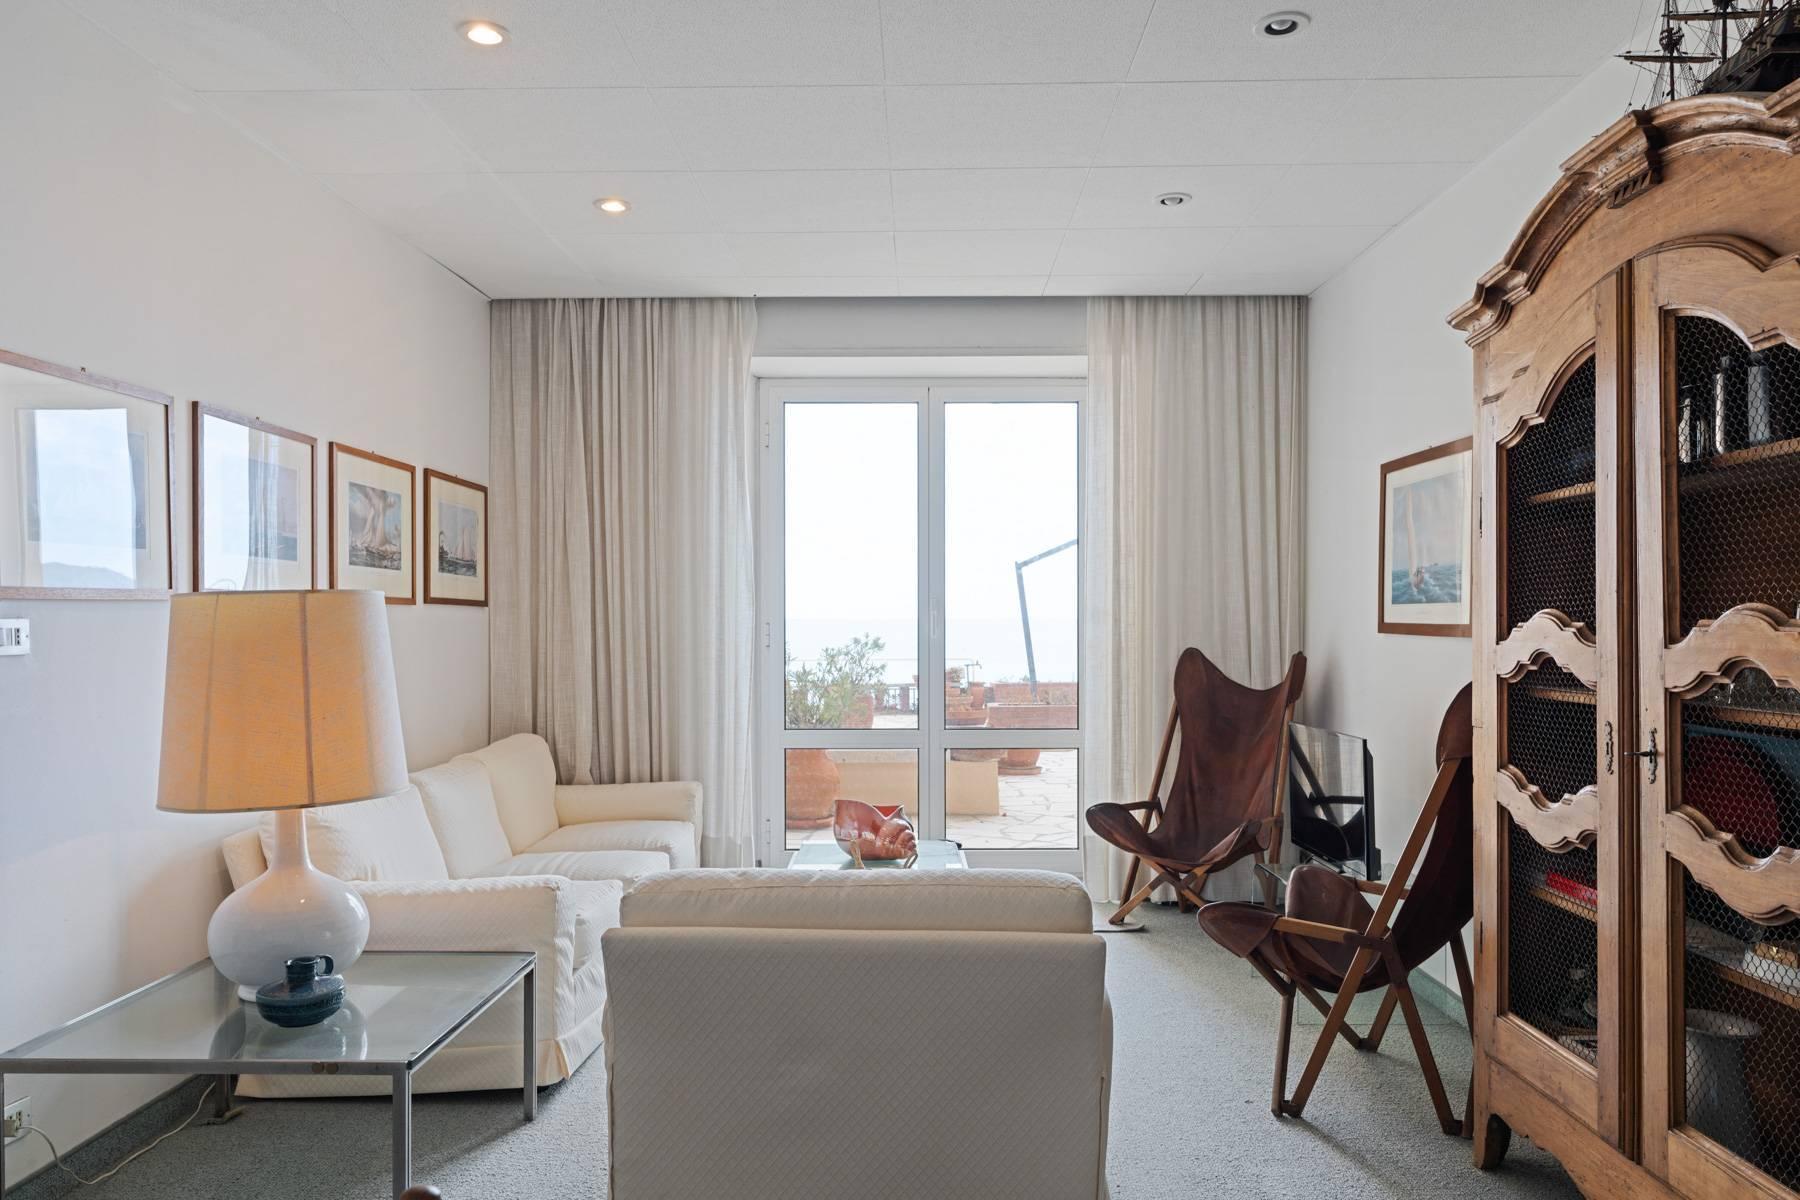 Wohnung am Meer mit wunderscöner Terrasse - 2